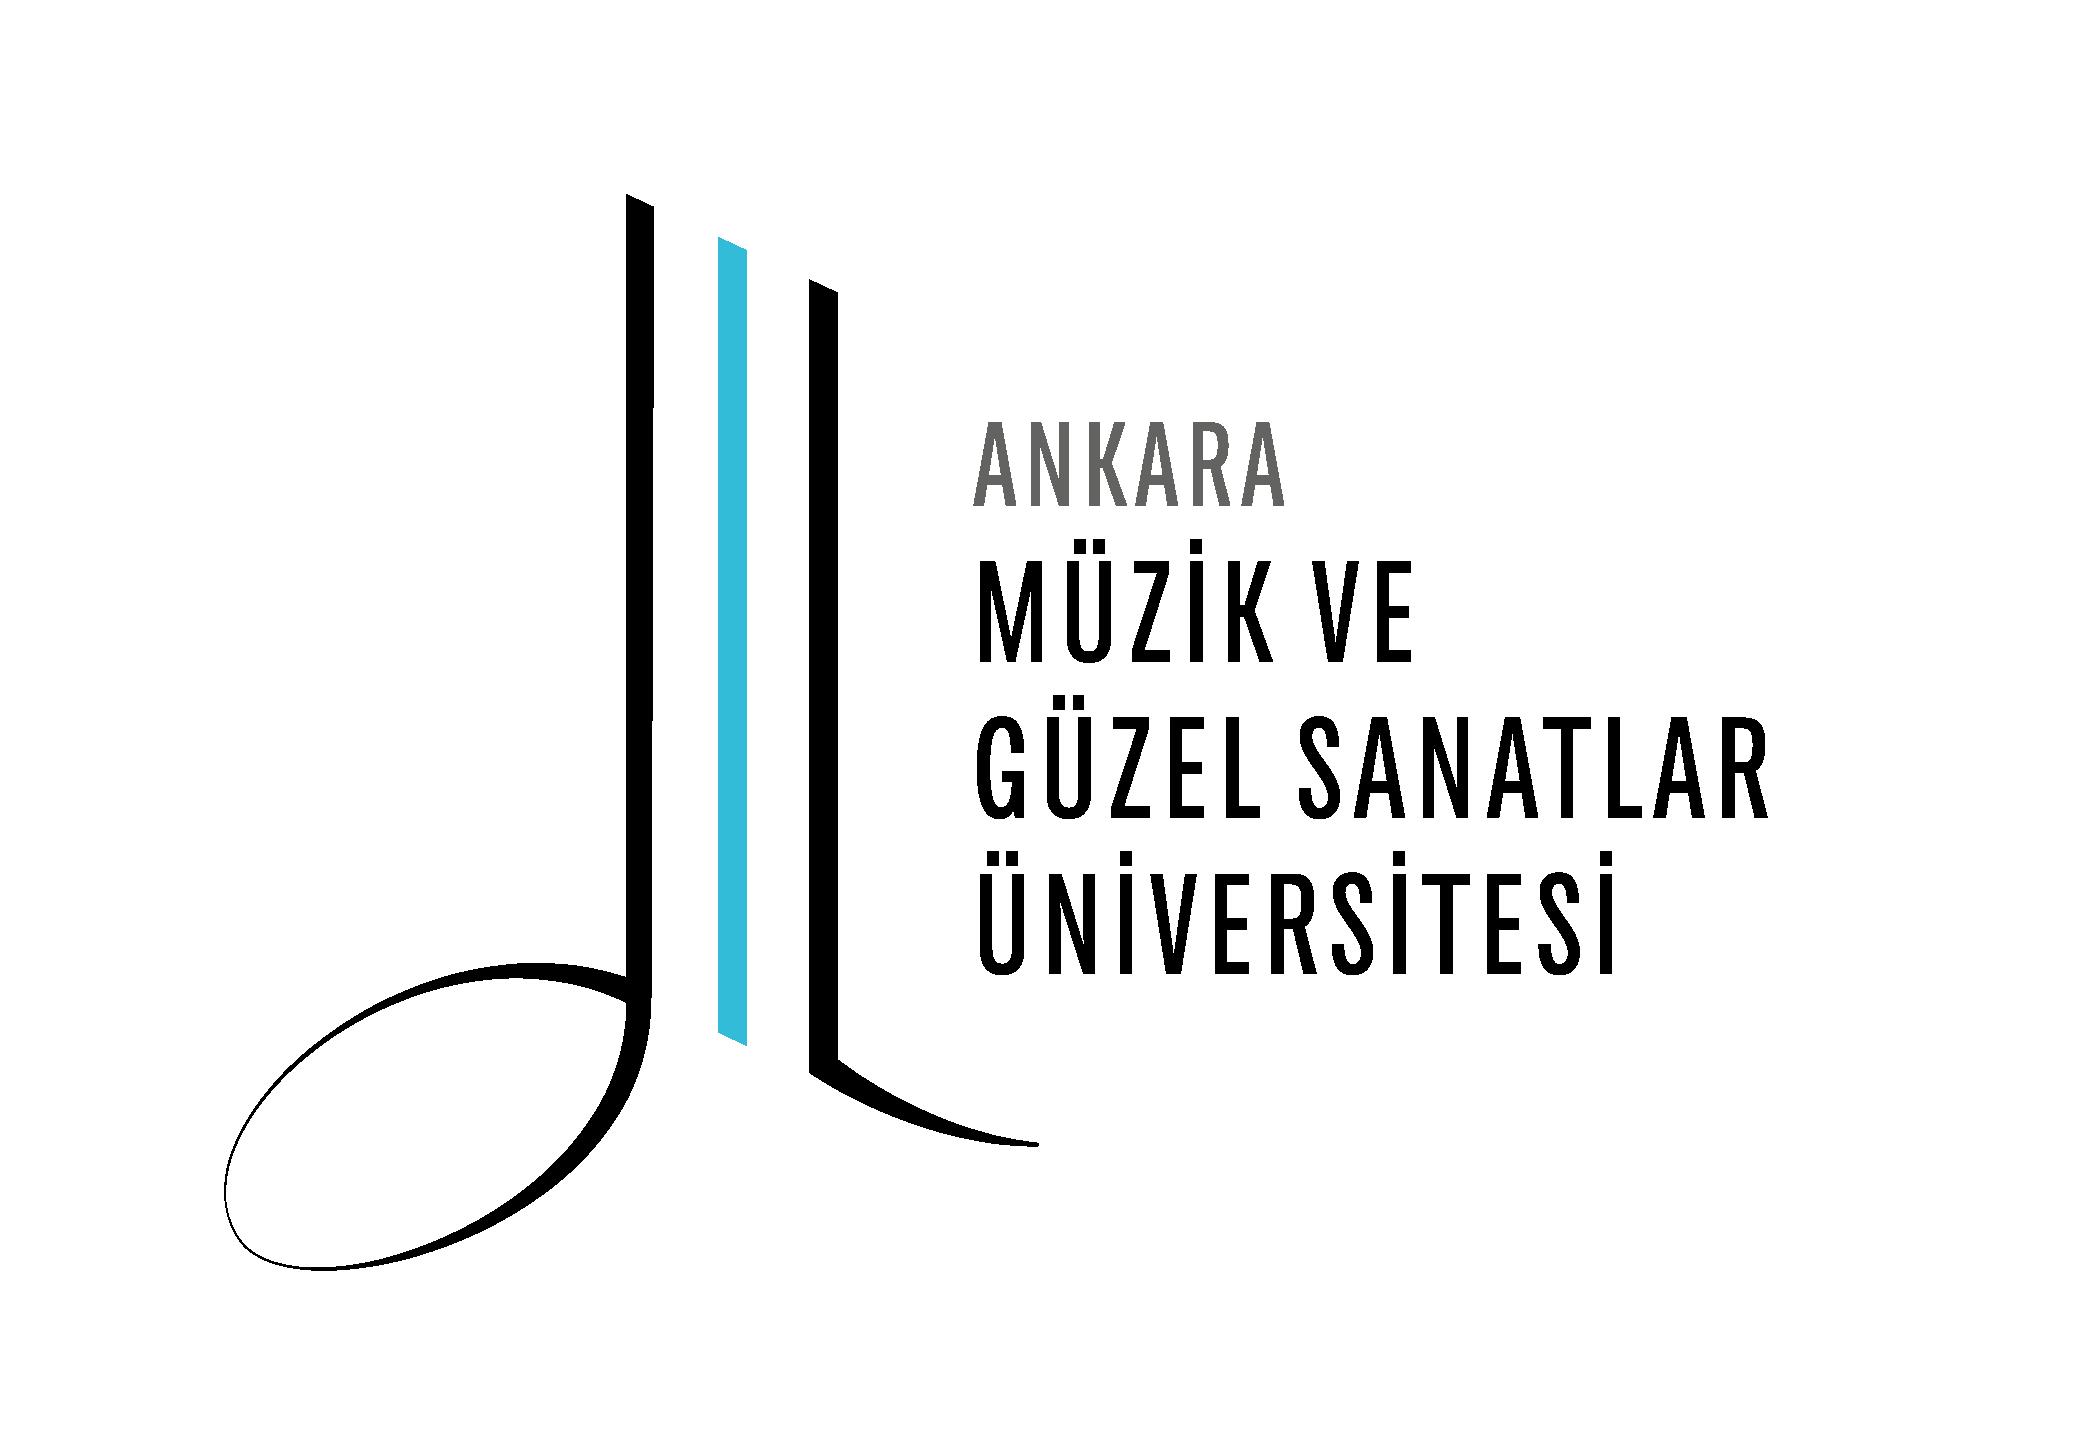 Ankara Müzik ve Güzel Sanatlar Üniversitesi 1 Sözleşmeli Personel Alımı Yapacak